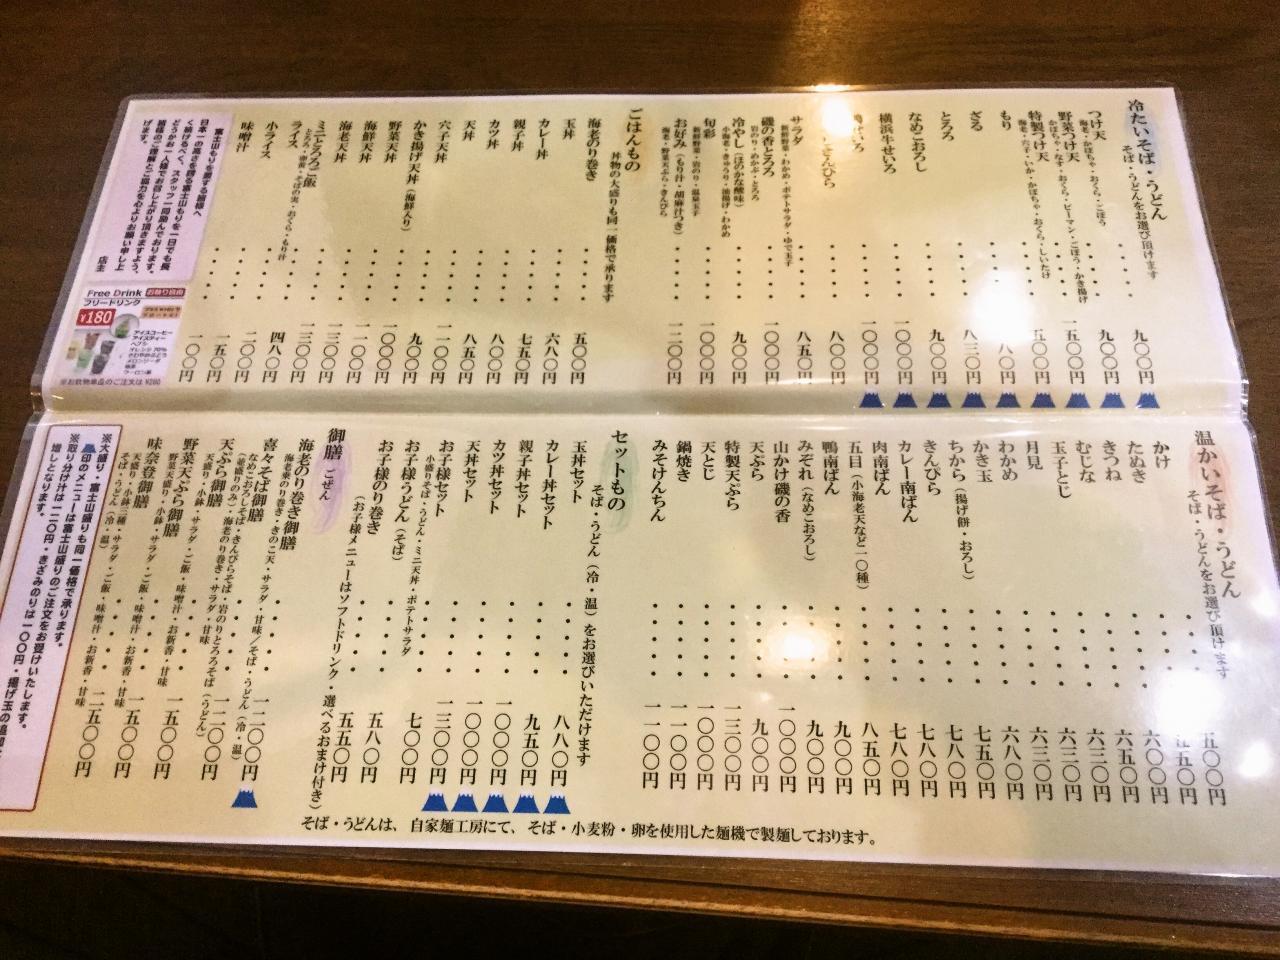 そば処 味奈登庵 都筑佐江戸店(メニュー)